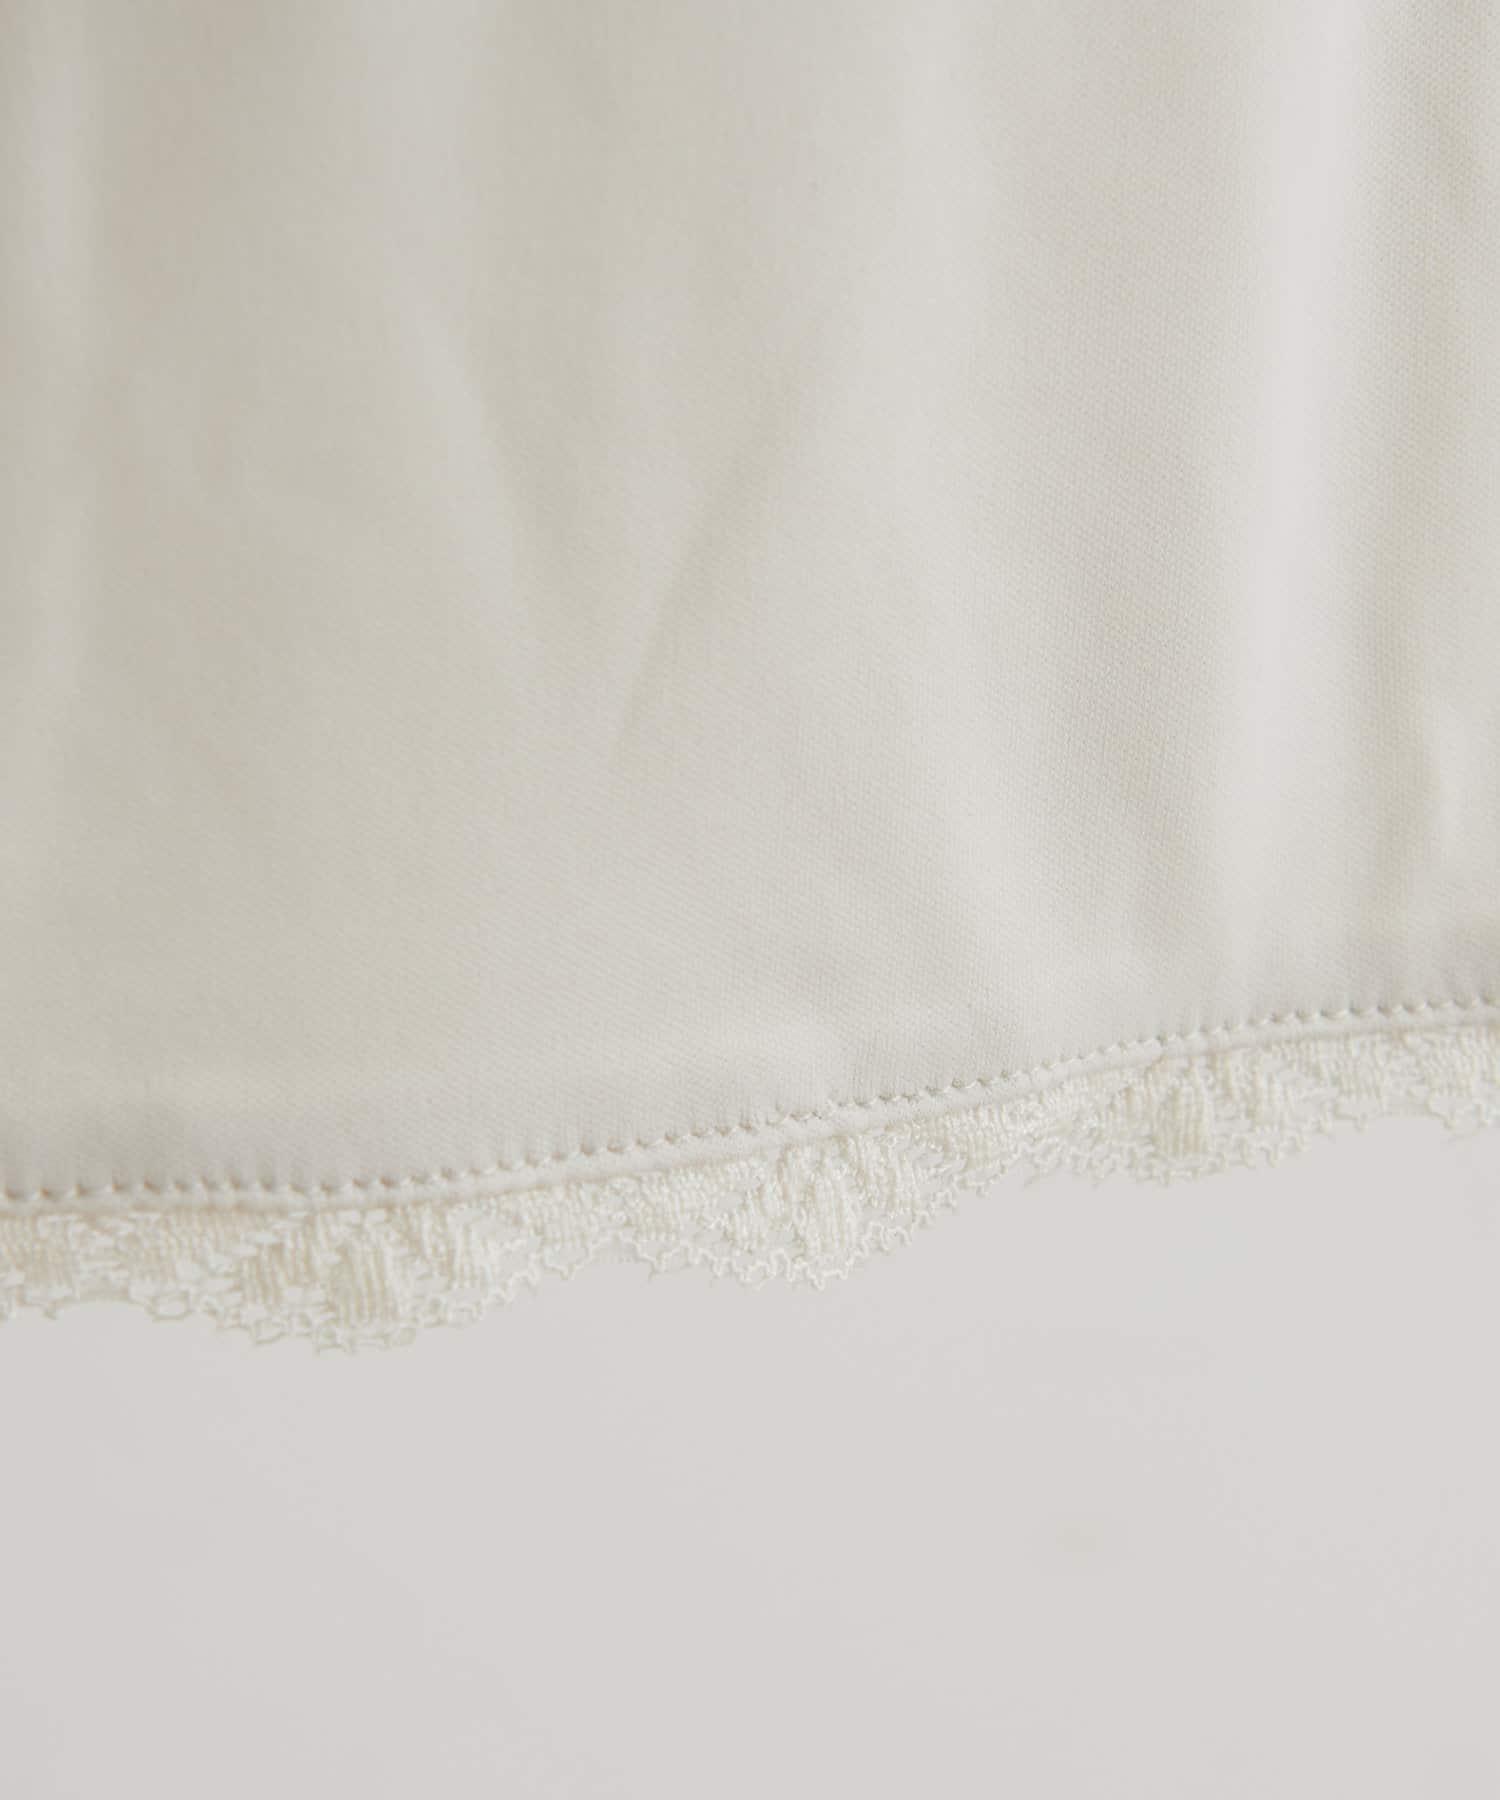 natural couture(ナチュラルクチュール) 巾着付きインナーキュロットパンツ